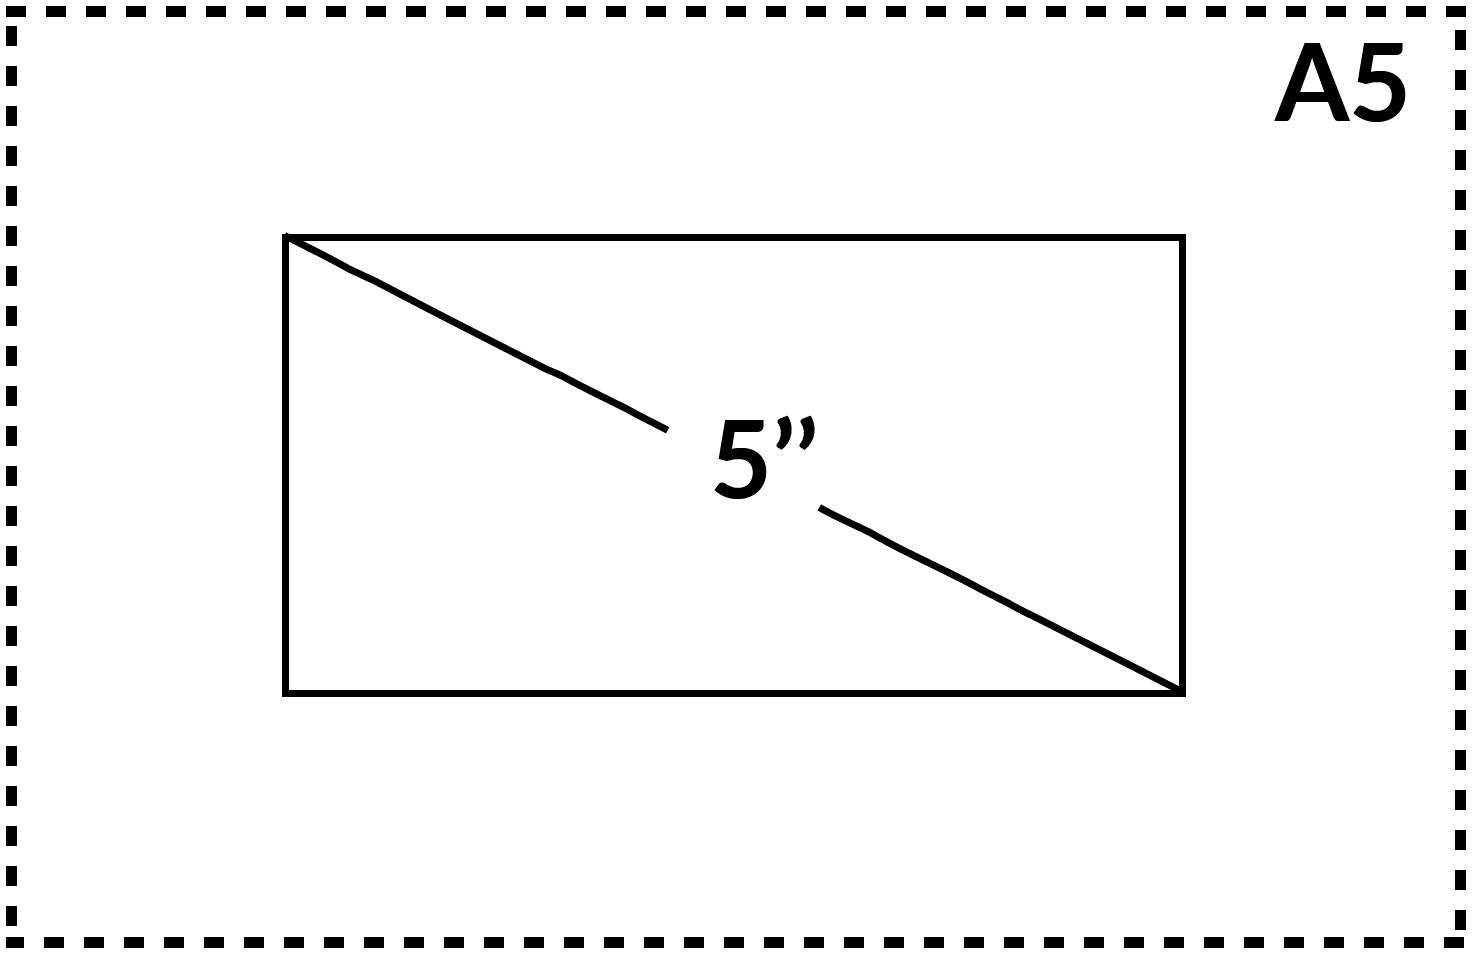 5 inch